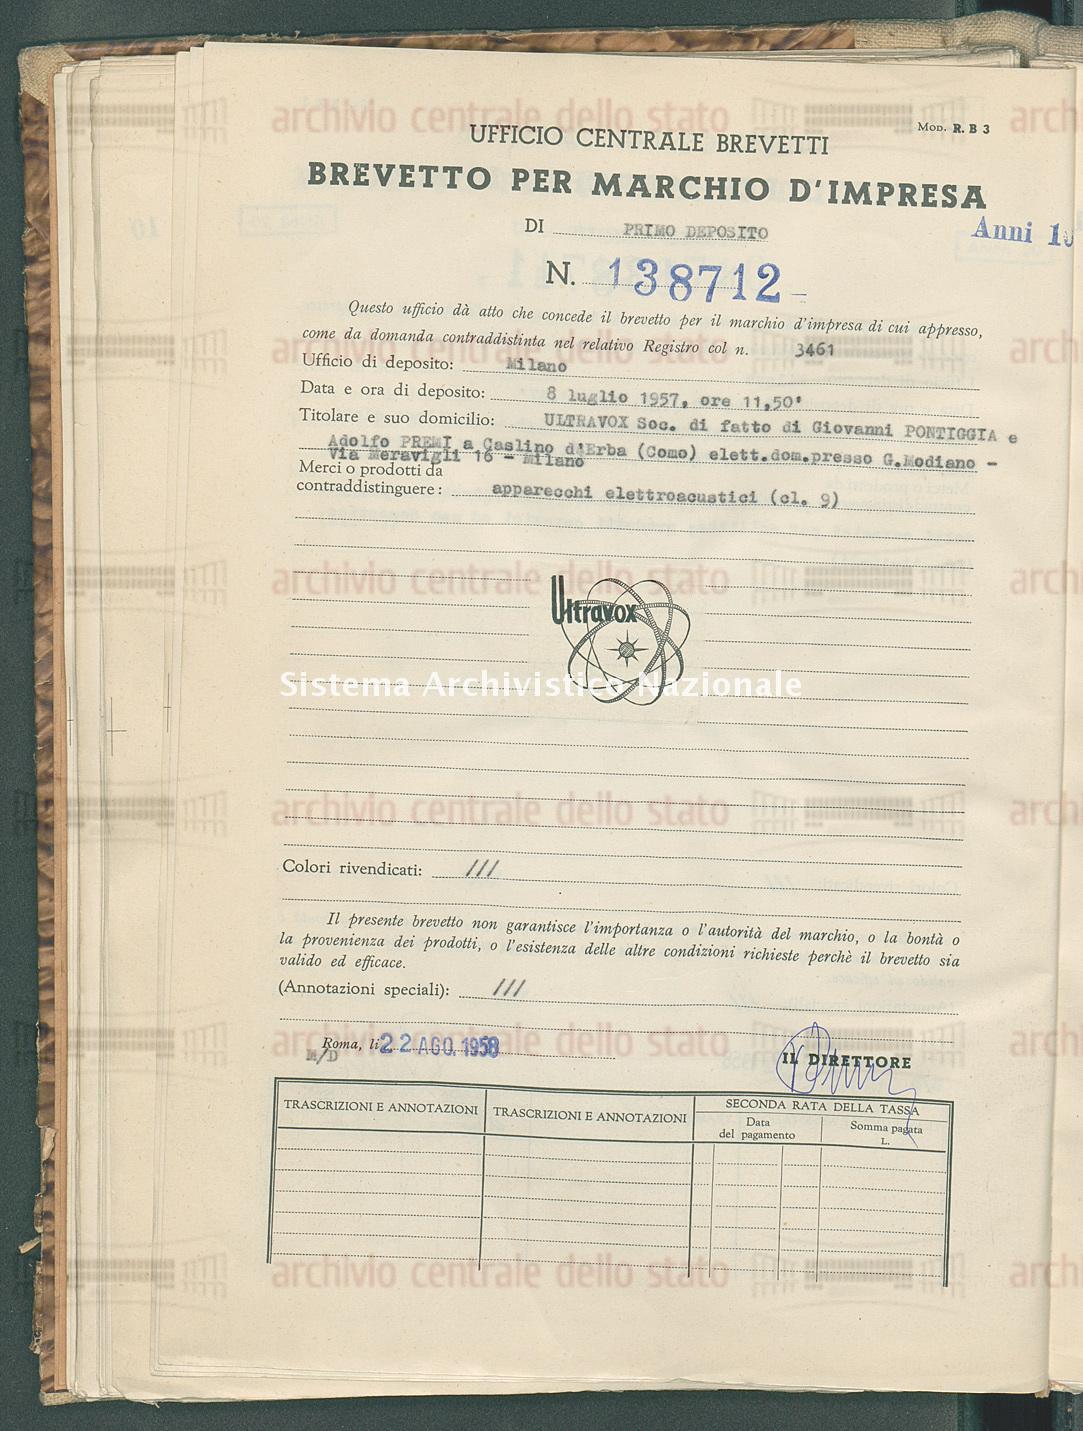 Apparecchi elettrodomestici Ultravox Soc. Di Fatto Di Giovanni Pontiggia E Adolfo Premi (22/08/1958)